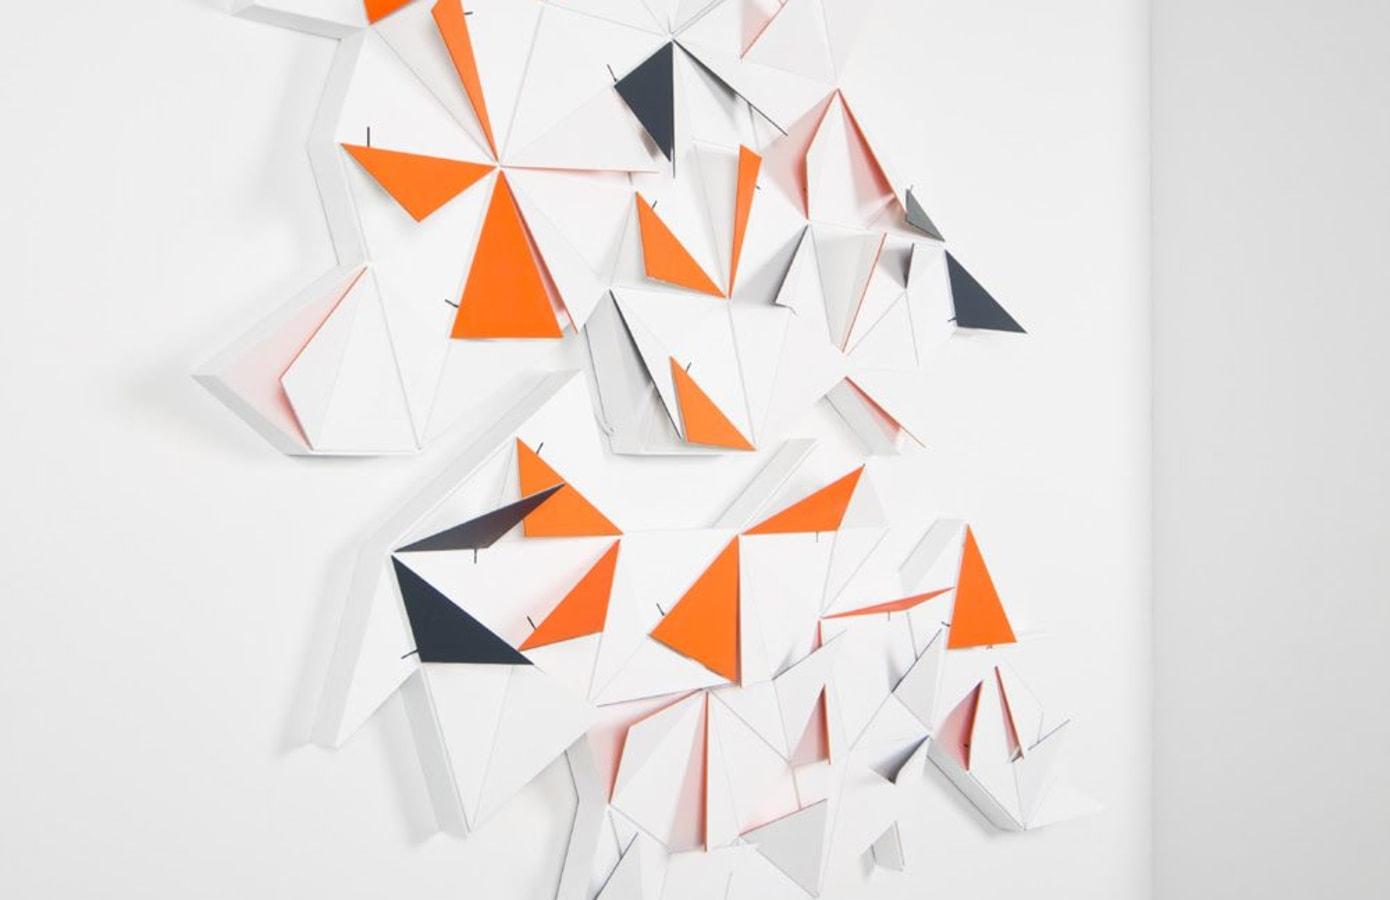 Origami by LAb[au], Lab(au),